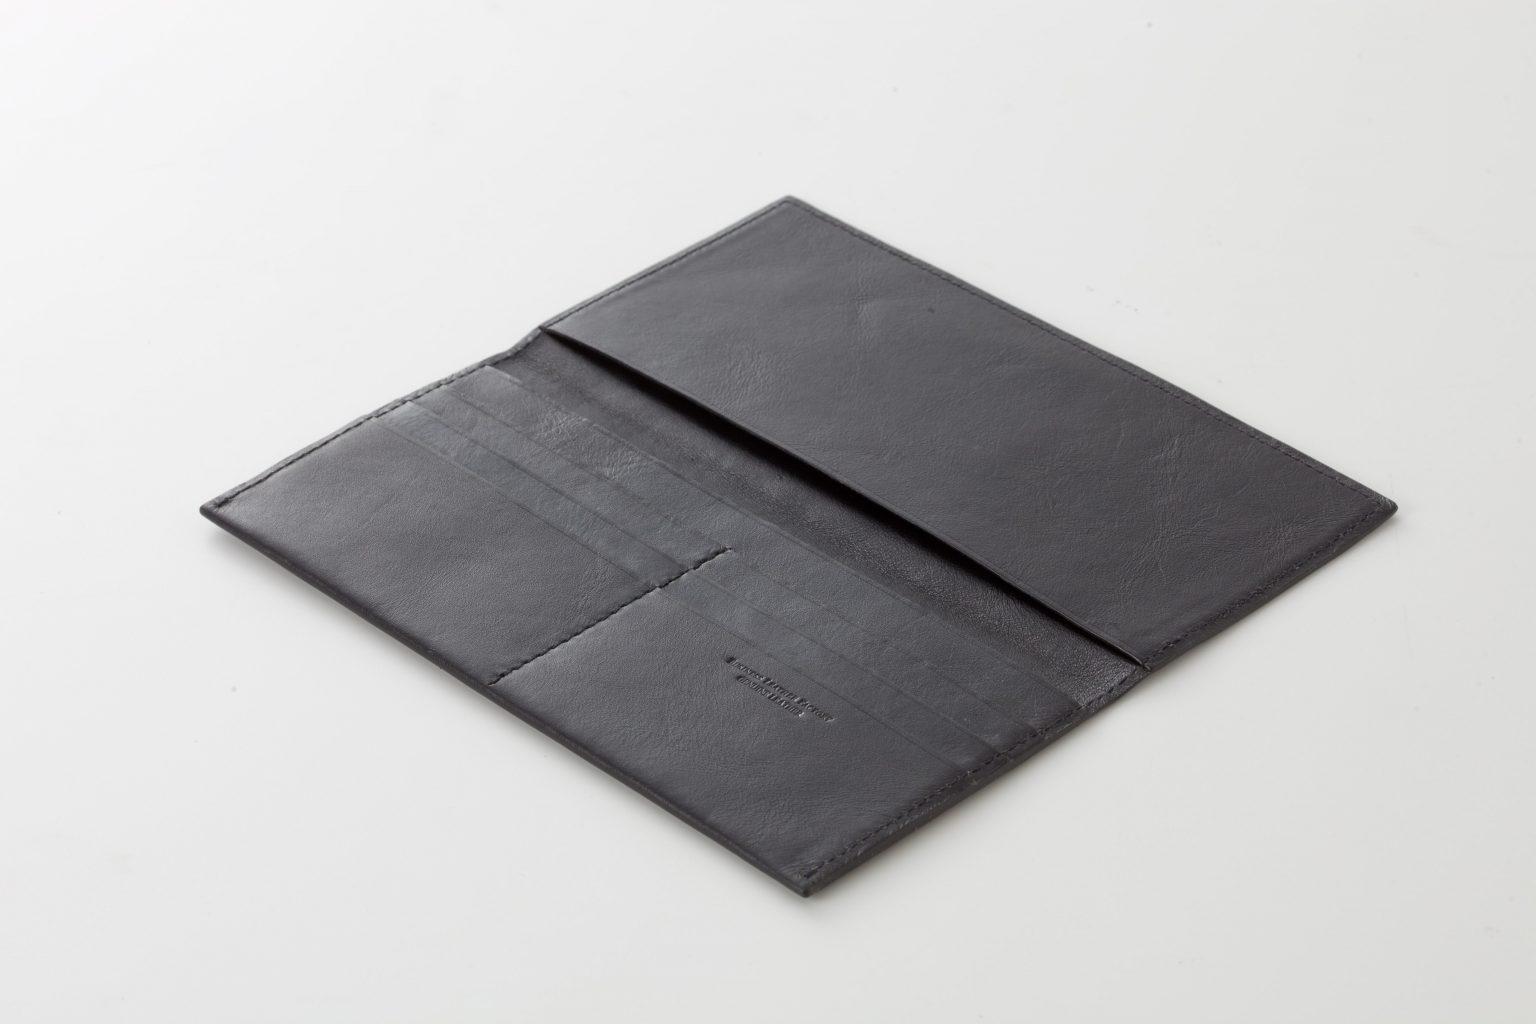 スリム長財布 ブラック オープン Business Leather Factory(ビジネスレザーファクトリー)